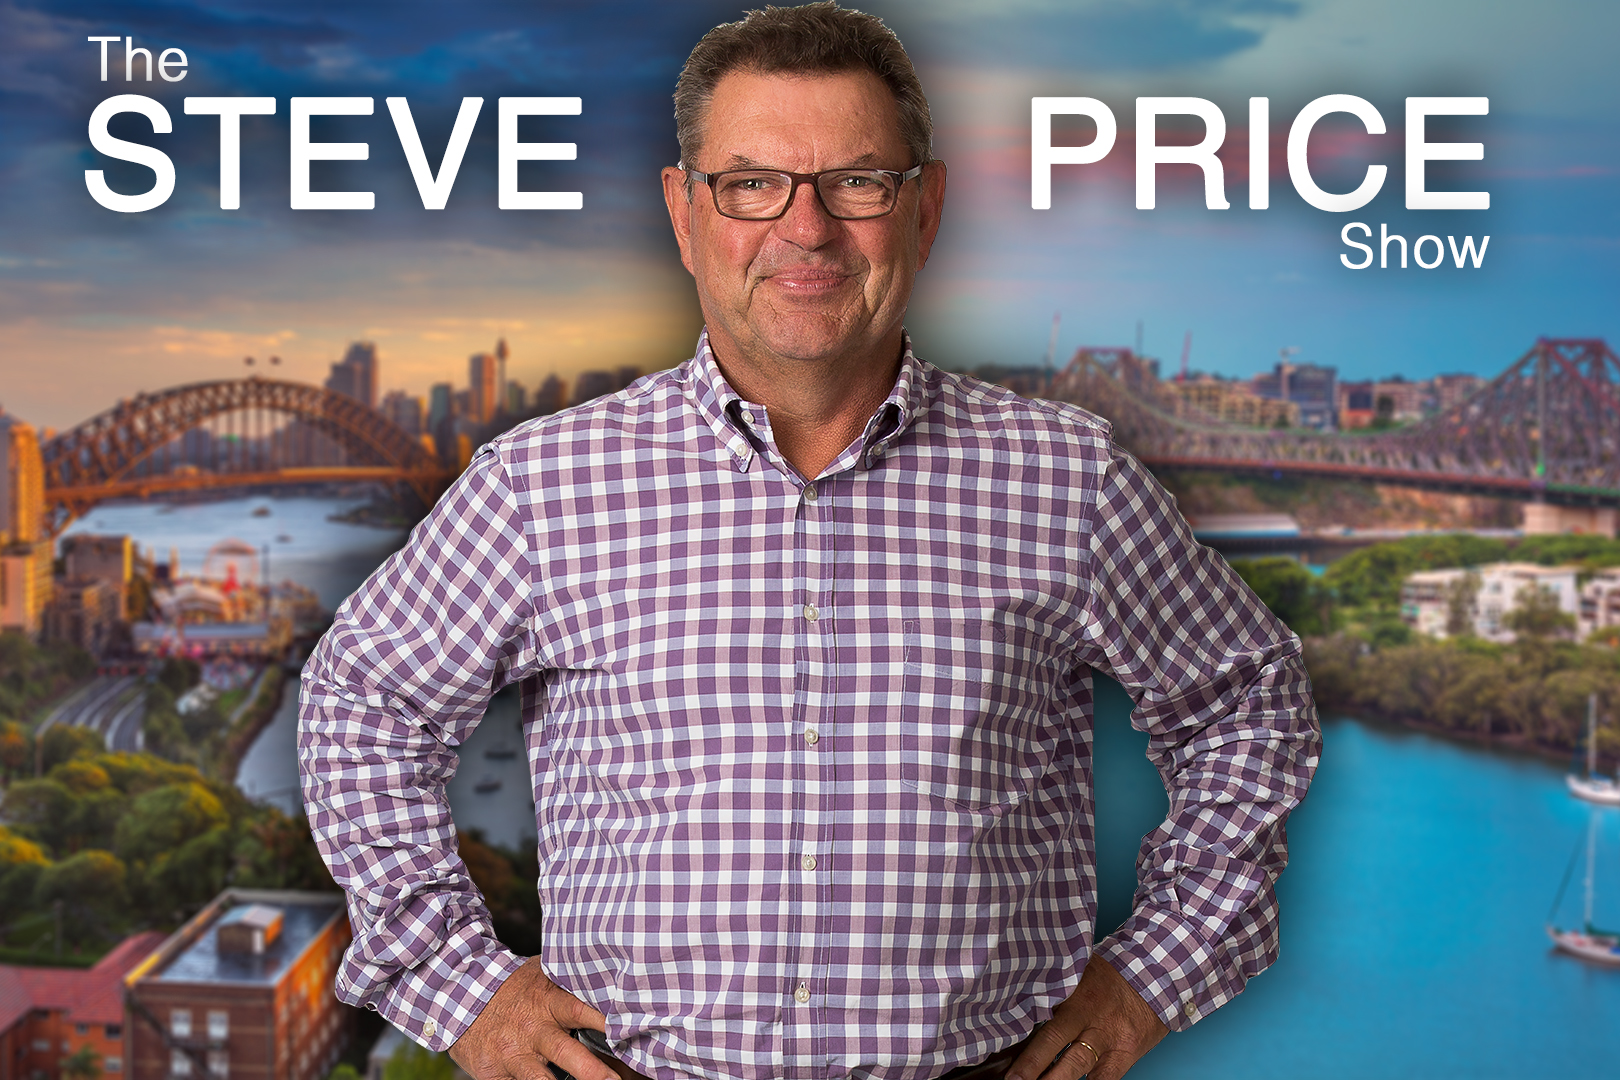 The Steve Price full show, November 18